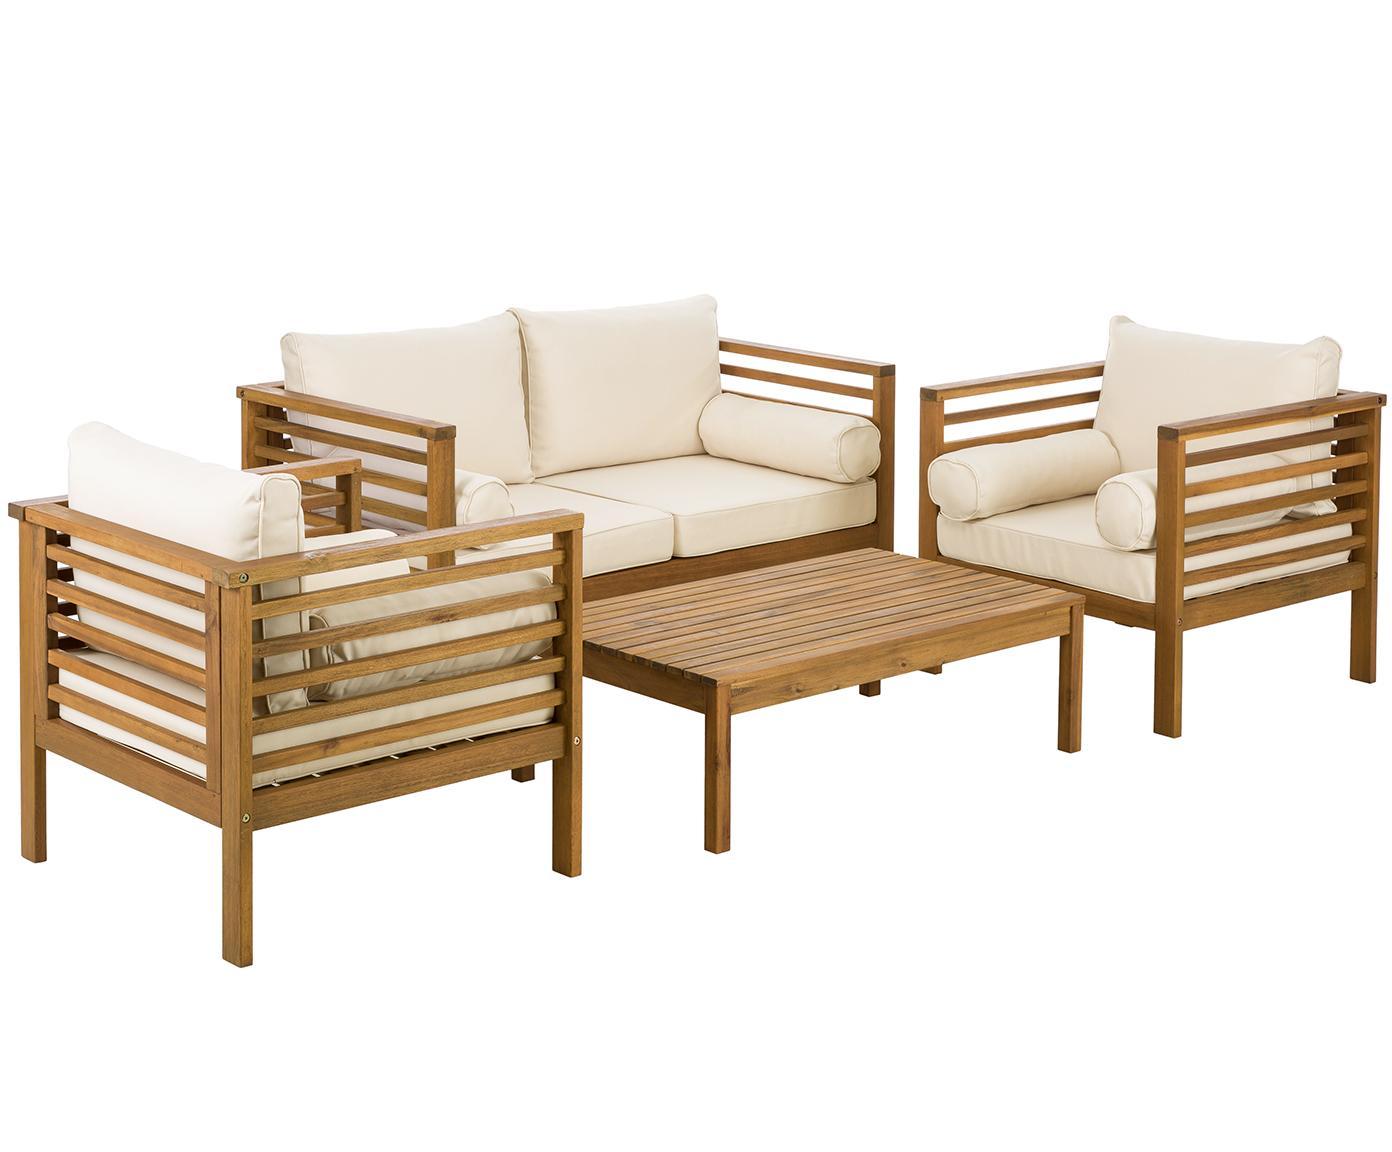 Sada zahradního nábytku Bo, 4 díly, Potah: béžová Rám: akátové dřevo